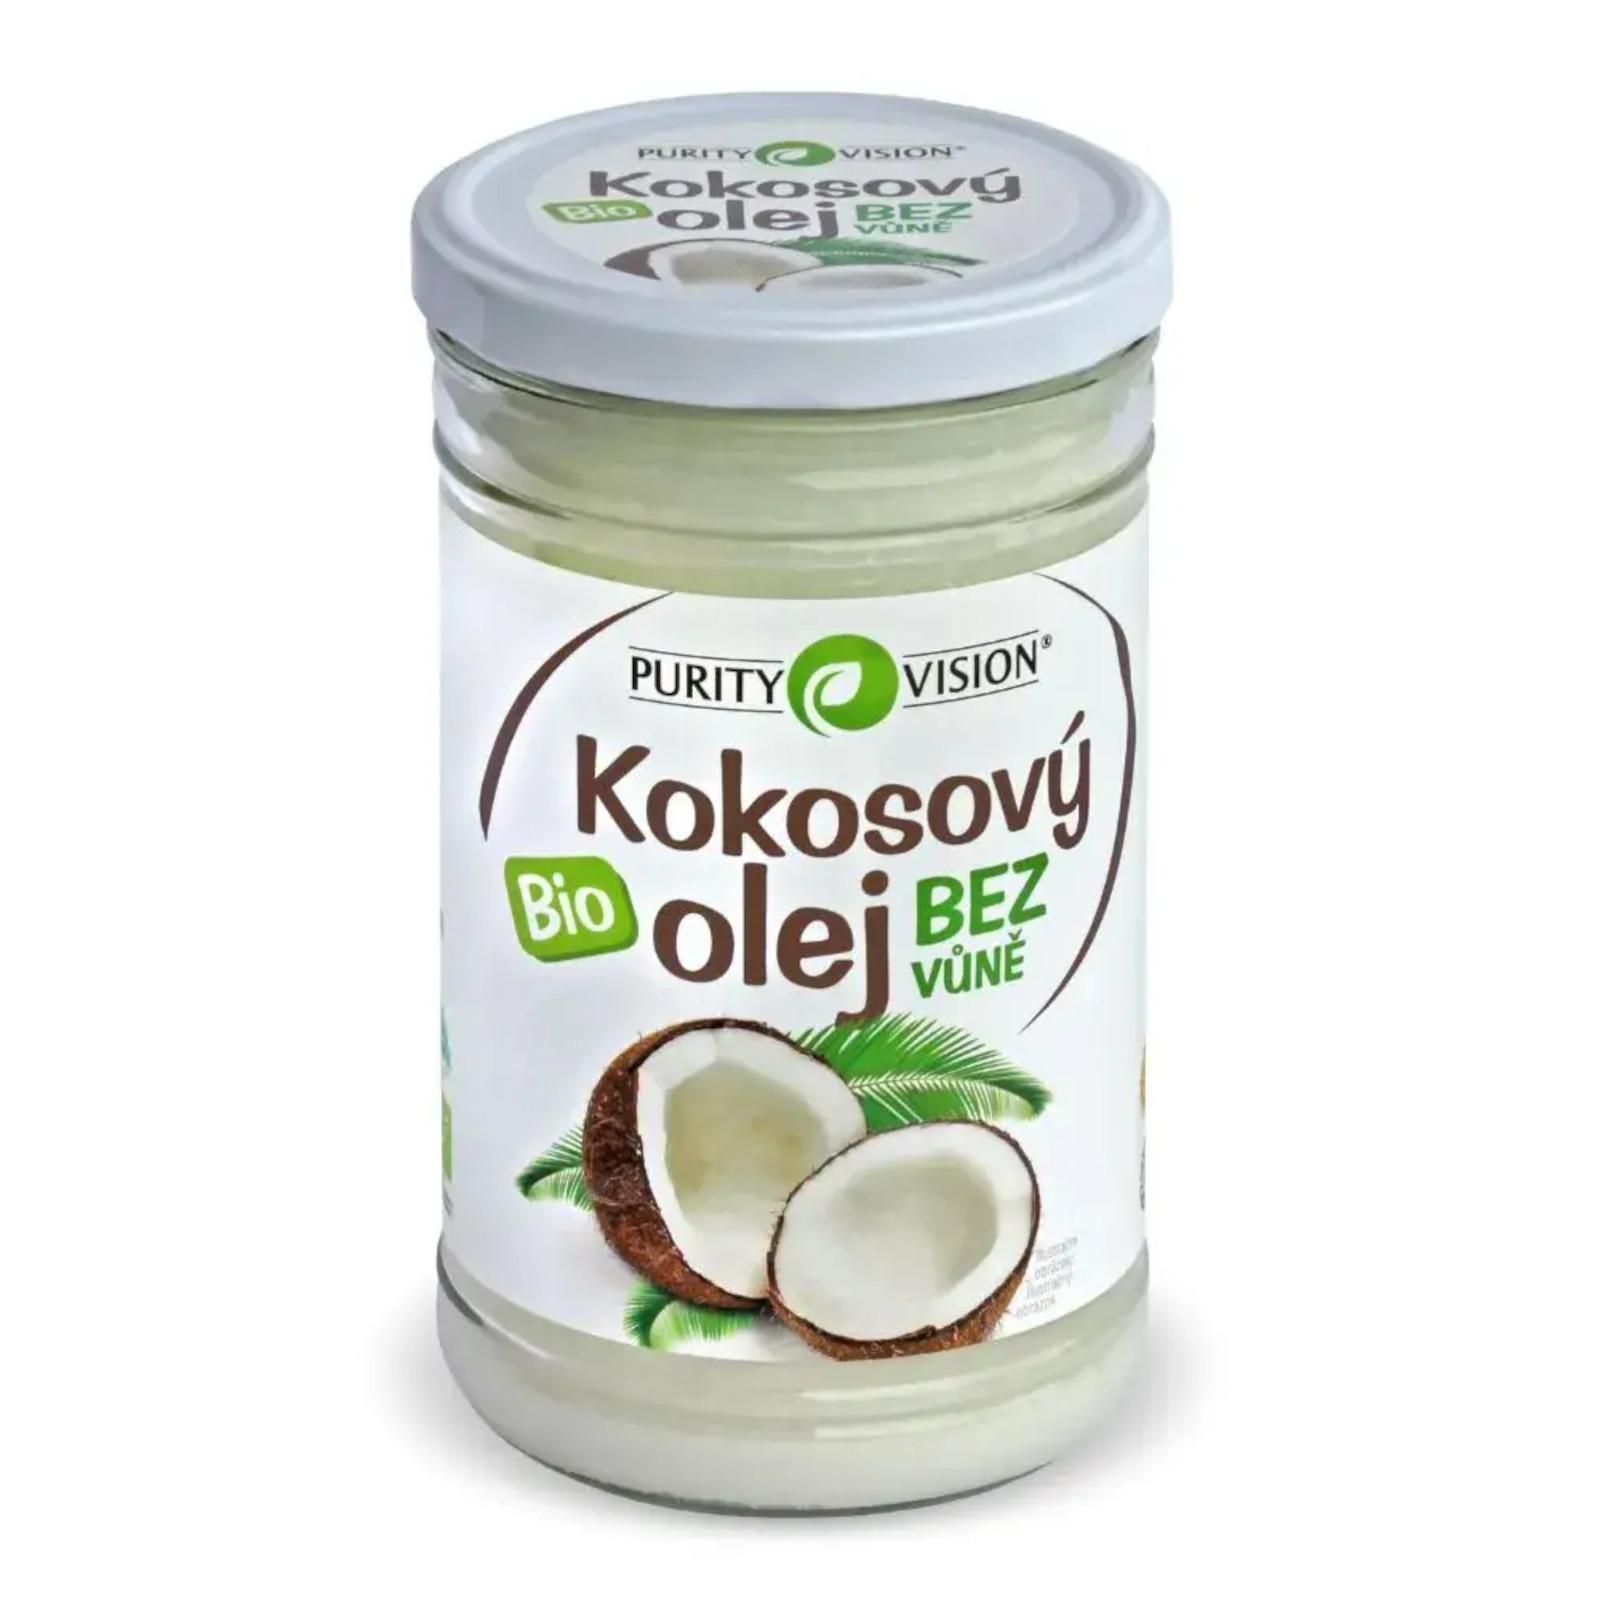 Purity Vision Kokosový olej bez vůně ve skle 900 ml